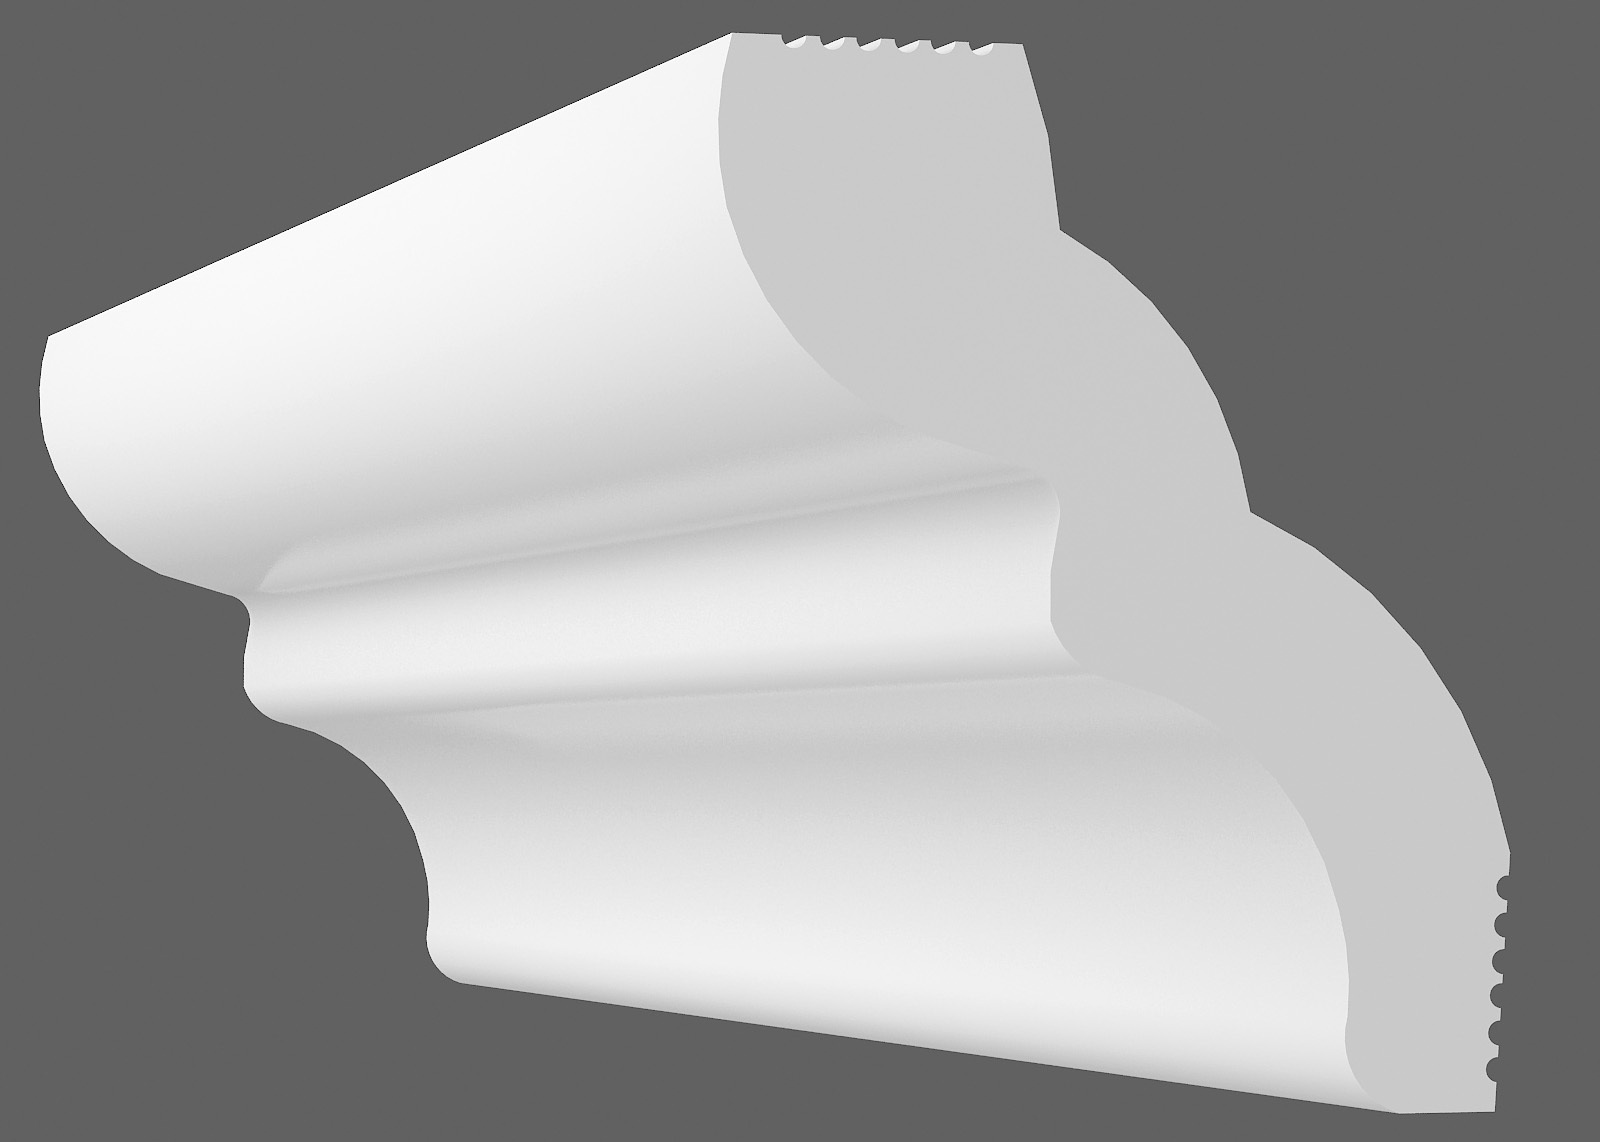 Потолочный плинтус F-35 (Размер:30х30мм)